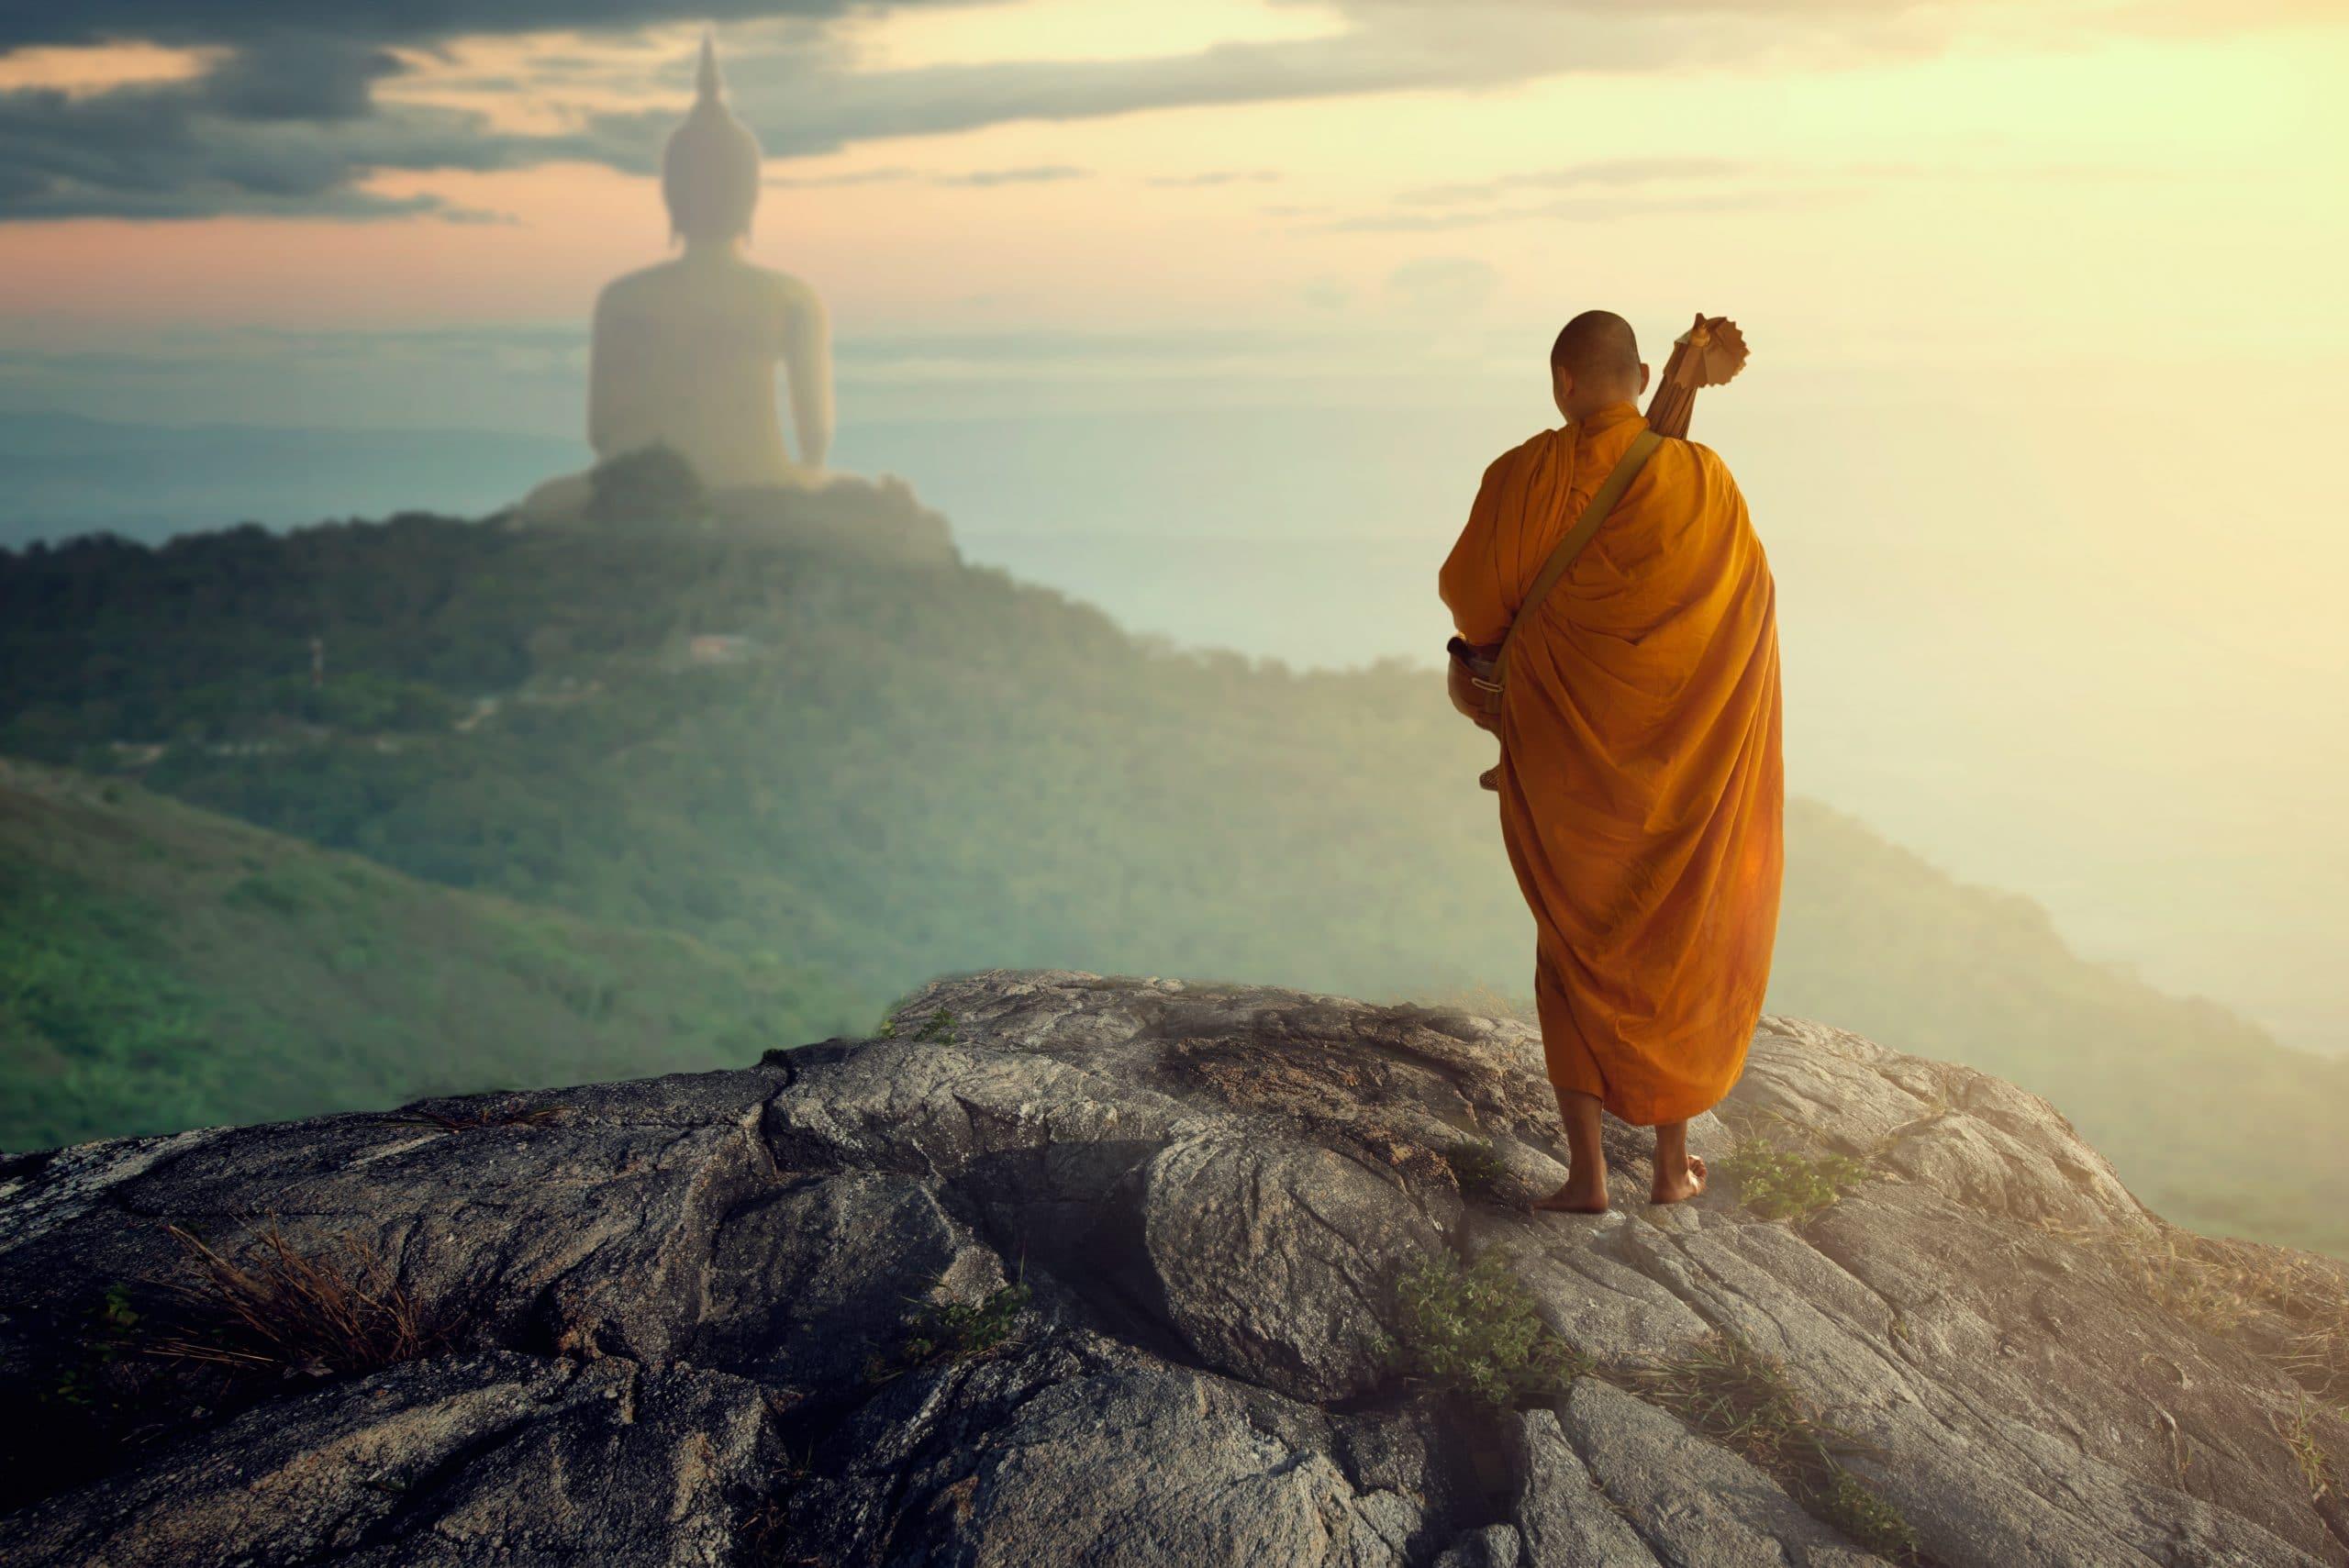 mönche und tempel in myanmar